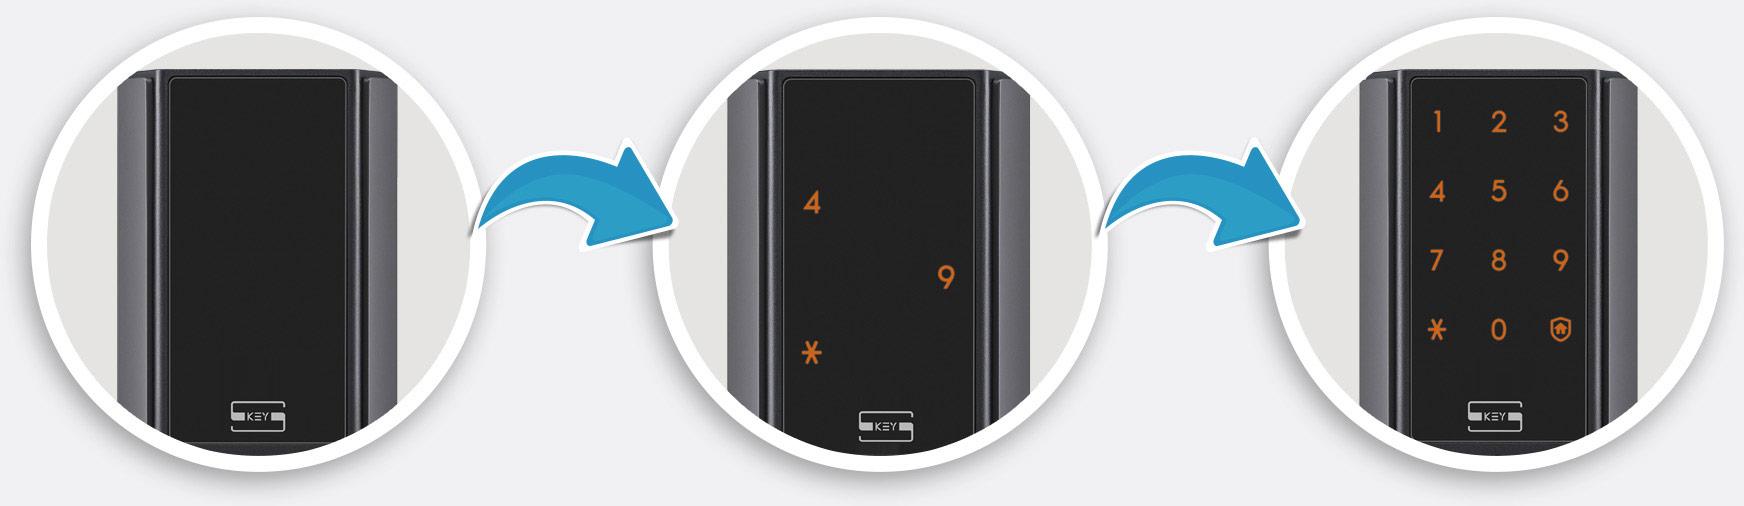 Khoá điện tử Samsung SHP-DH537